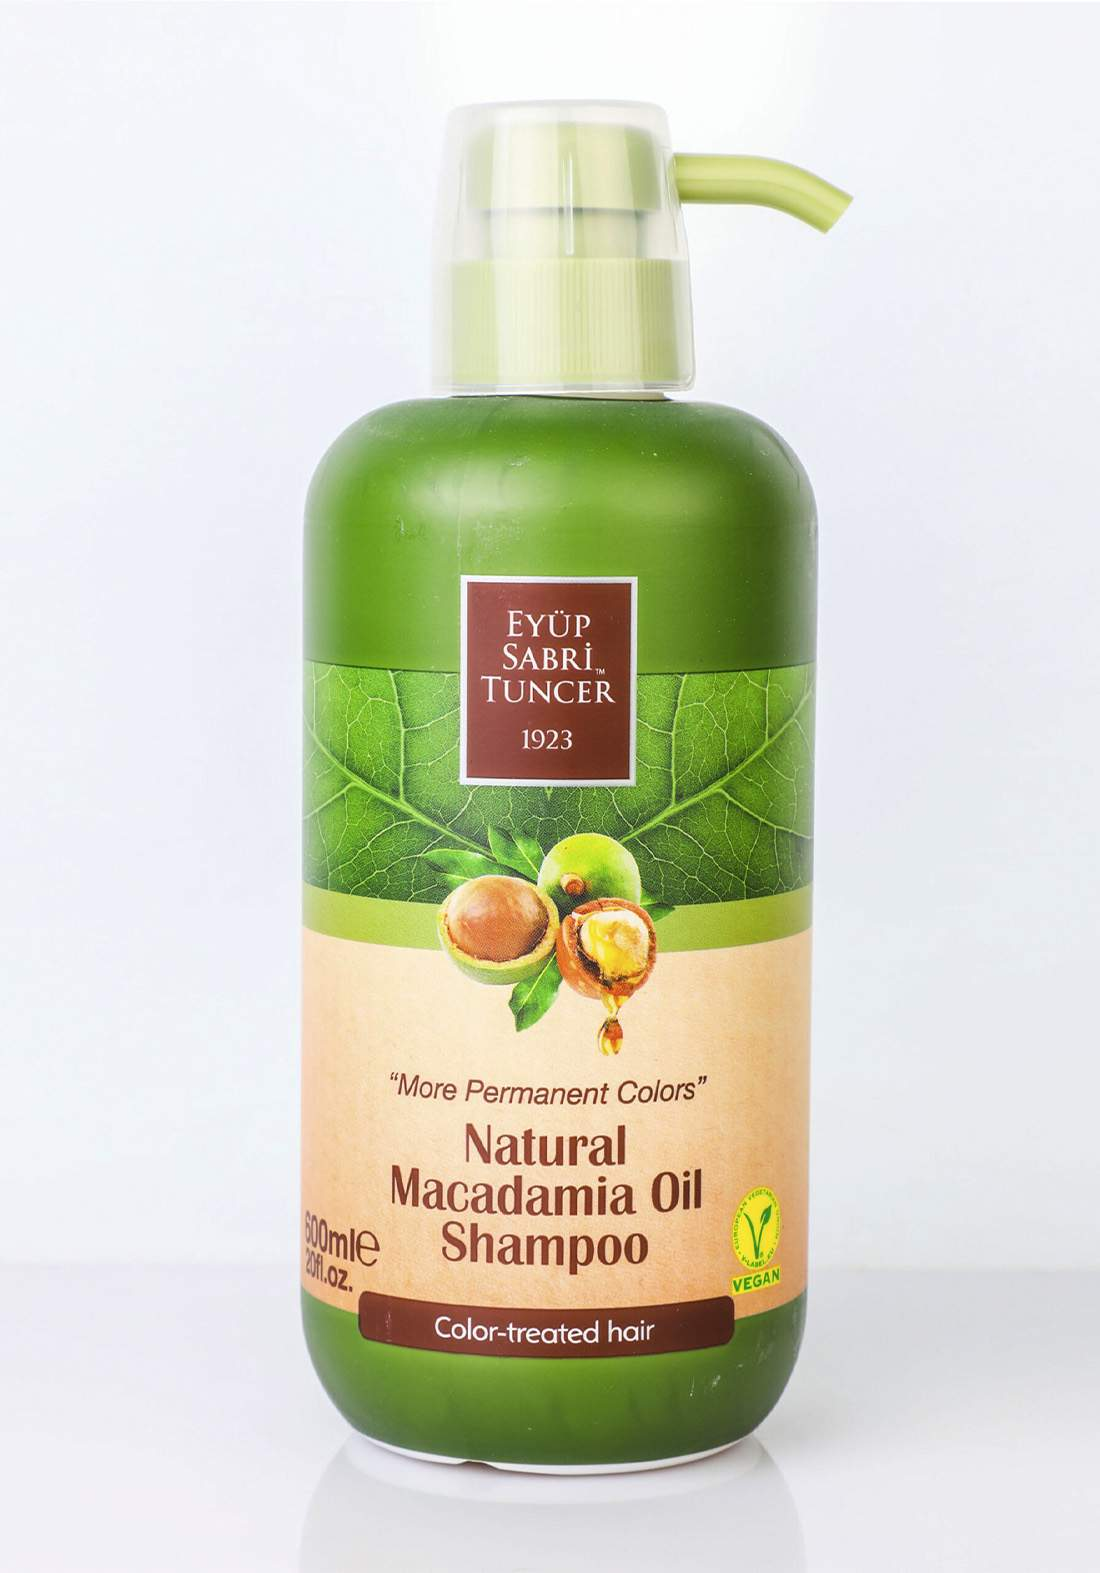 Eyup Sabri Tuncer Natural  Macadamia Oil  Shampoo 600ml شامبو بزيت المكاديميا الطبيعي